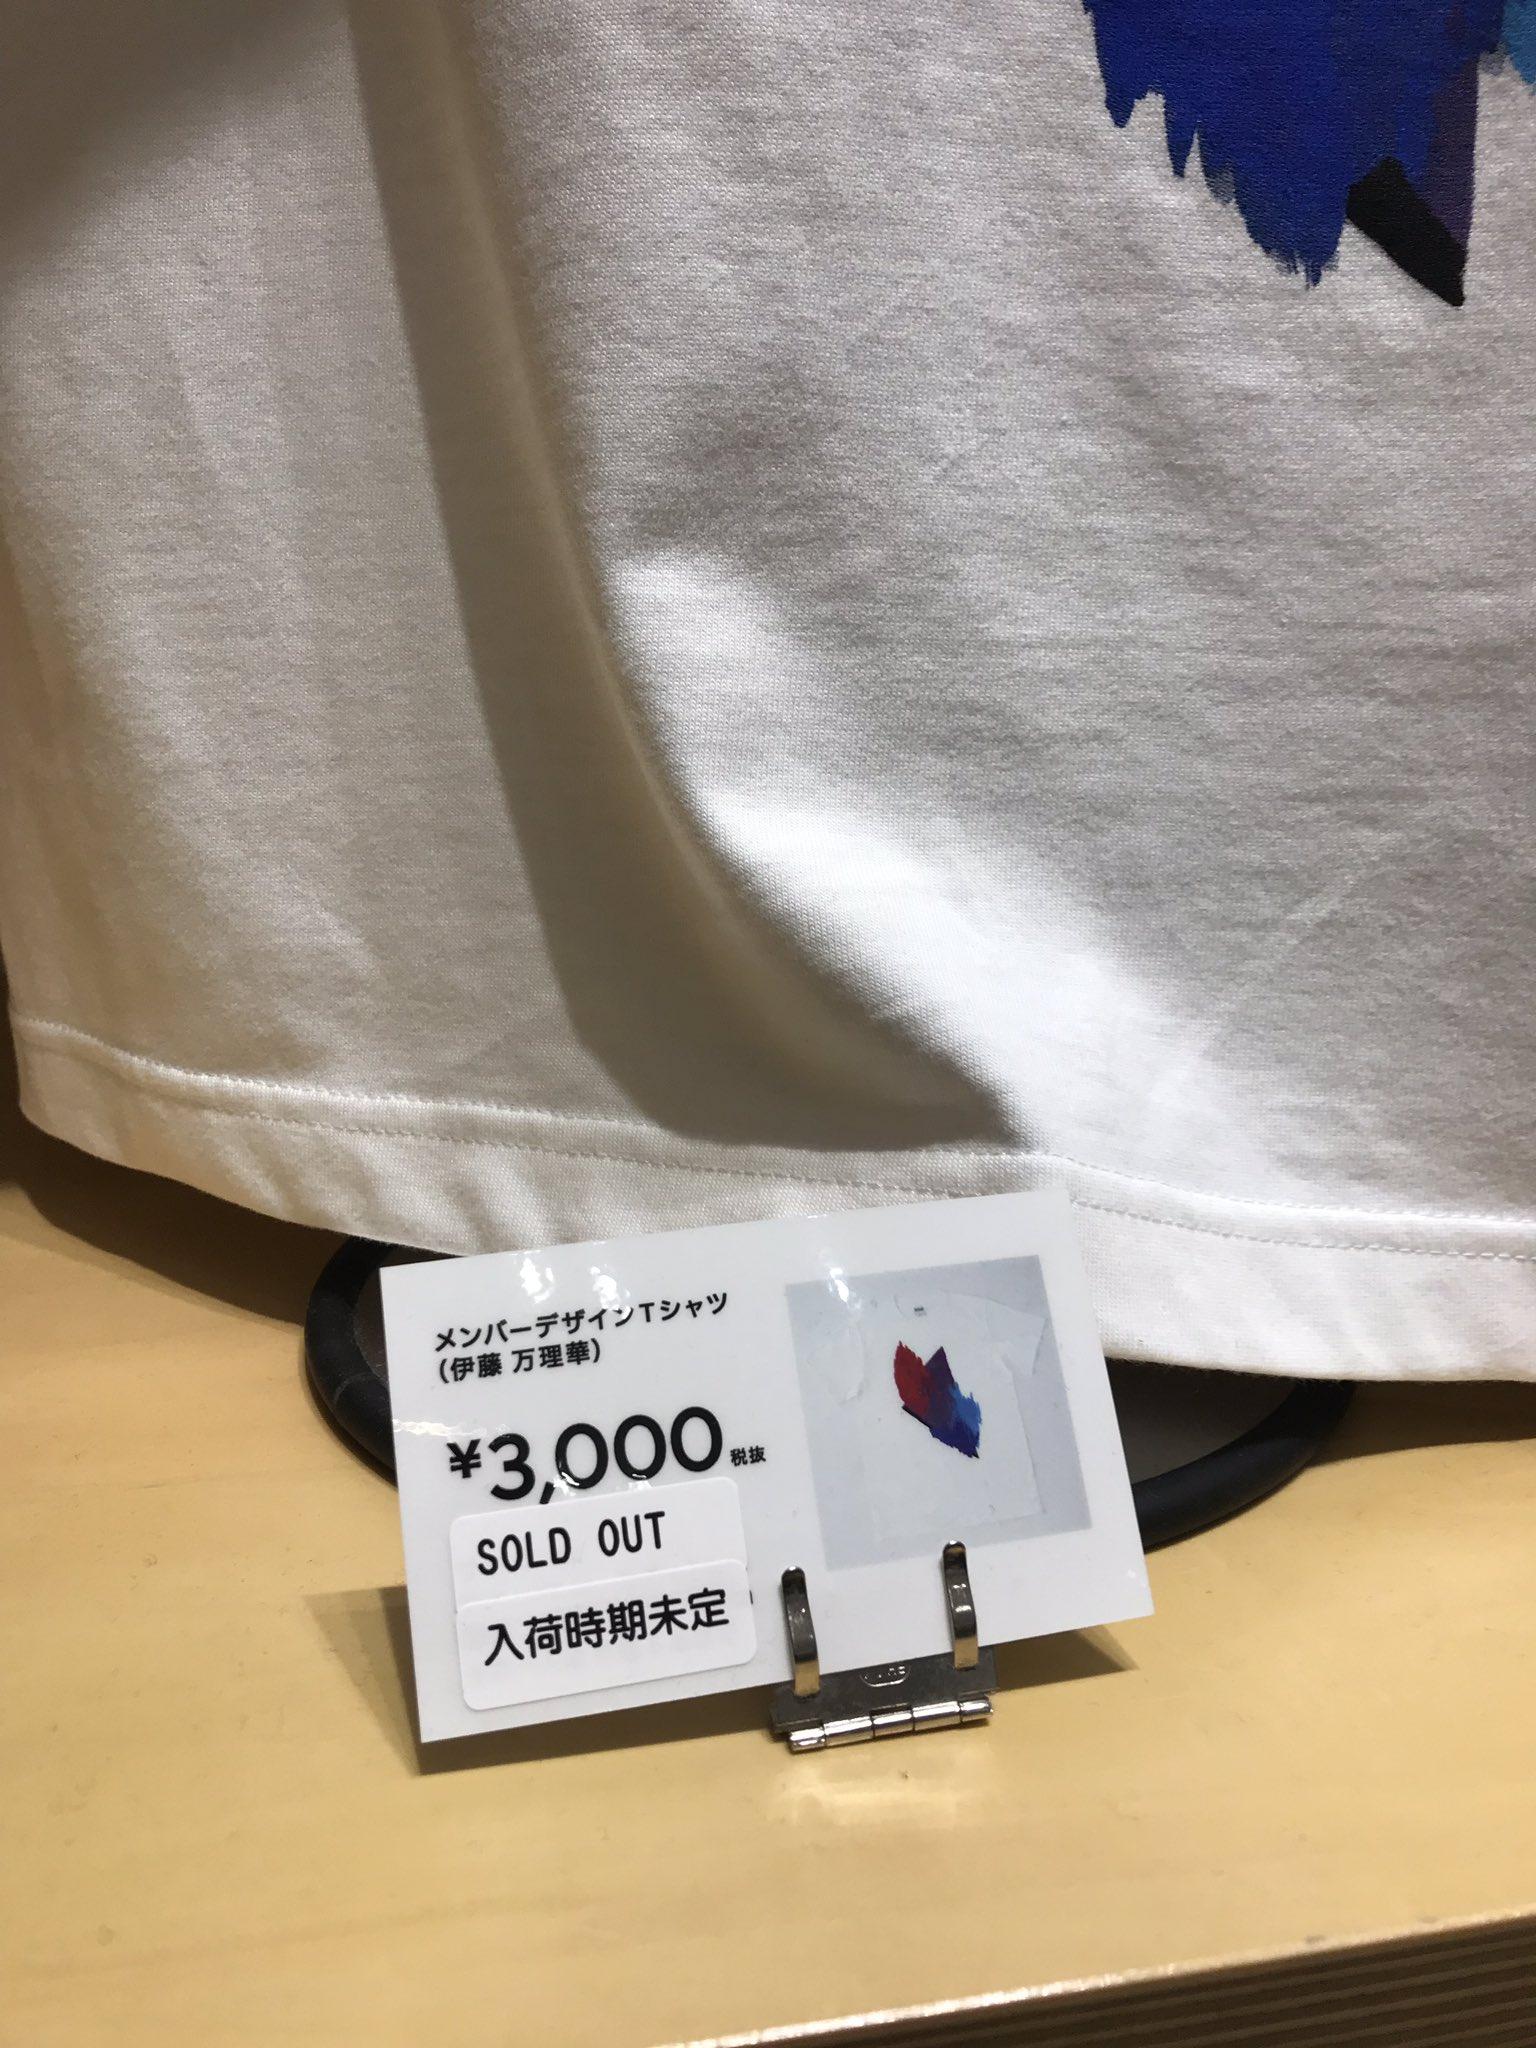 【乃木坂46だいたいぜんぶ展】伊藤万理華デザインTシャツ「SOLD OUT 入荷時期未定」